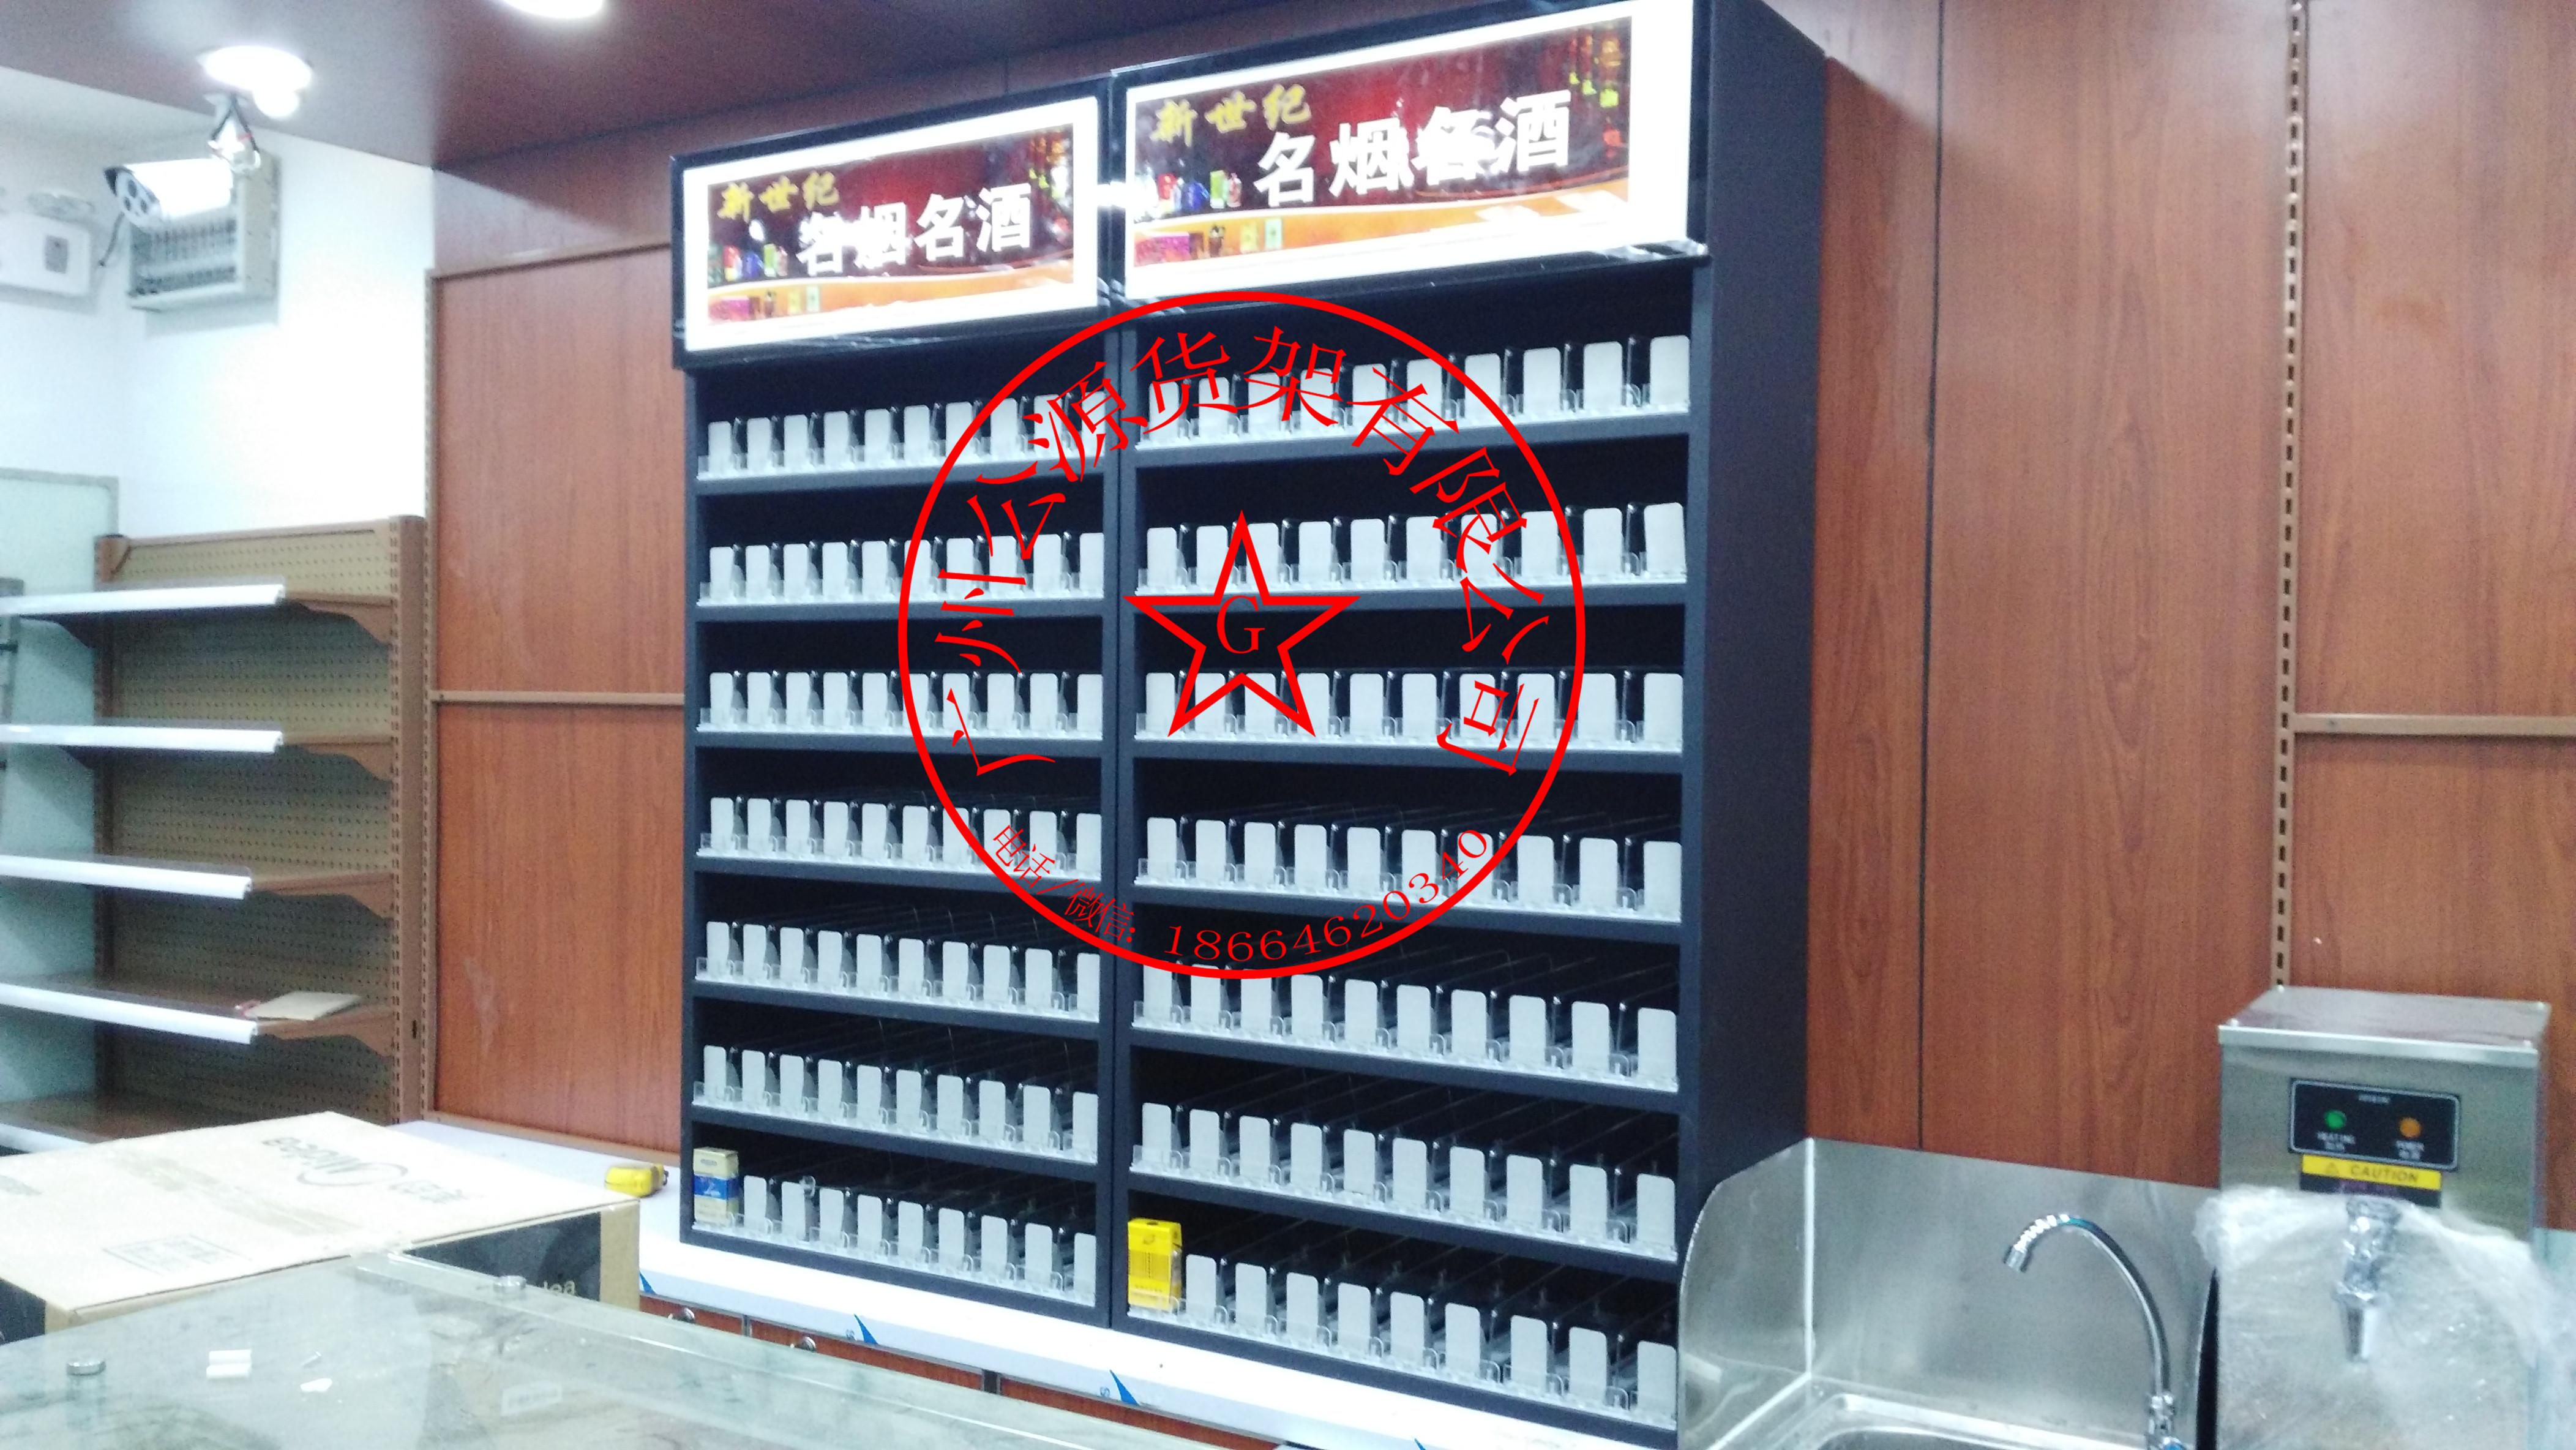 烟架 推进器烟架 广州推进器烟架 推进器烟架厂家